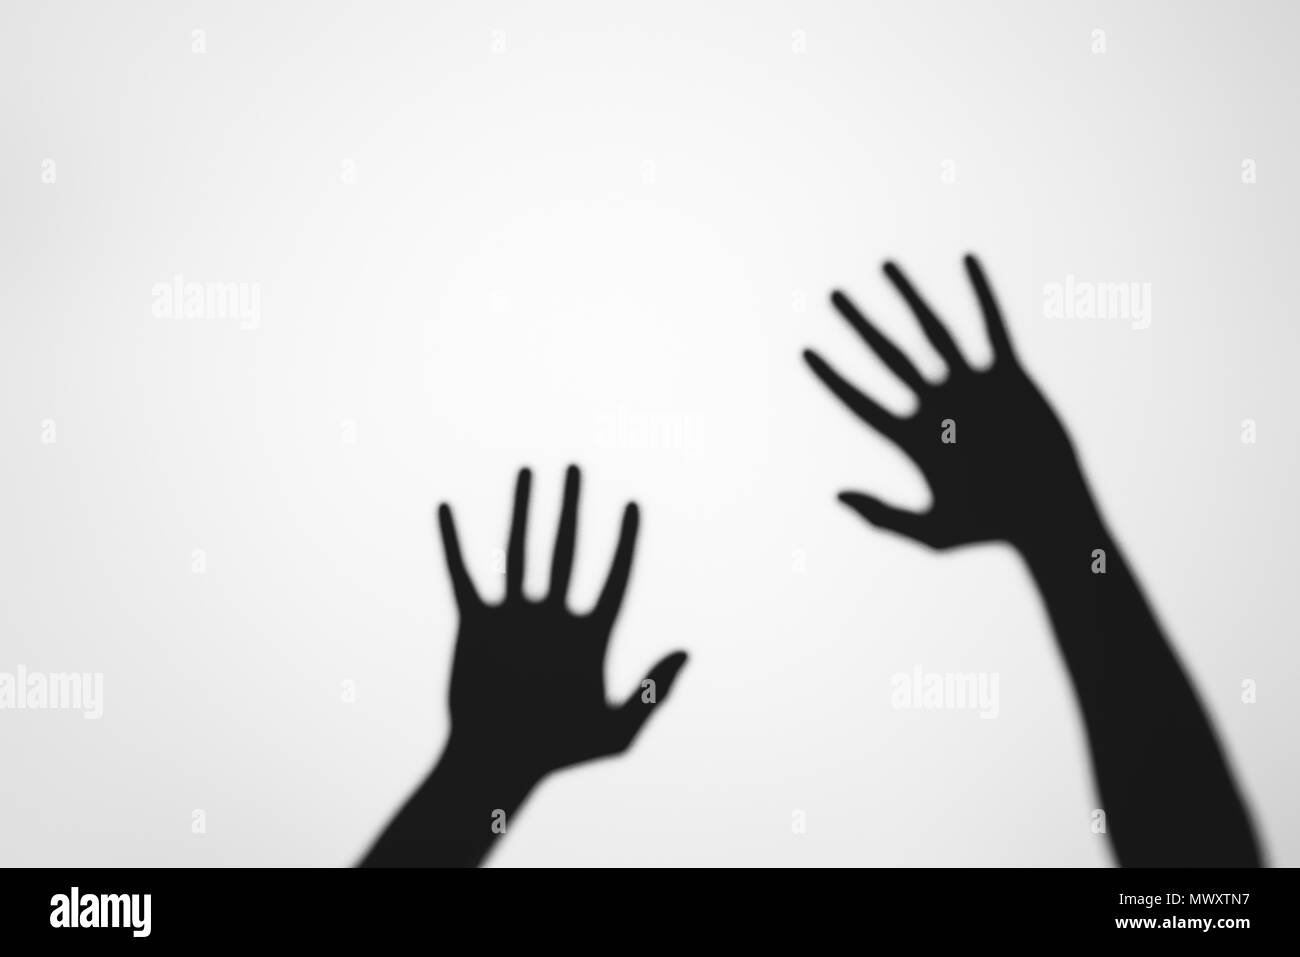 Spooky geheimnisvolle Schatten der menschlichen Hände auf Grau Stockbild